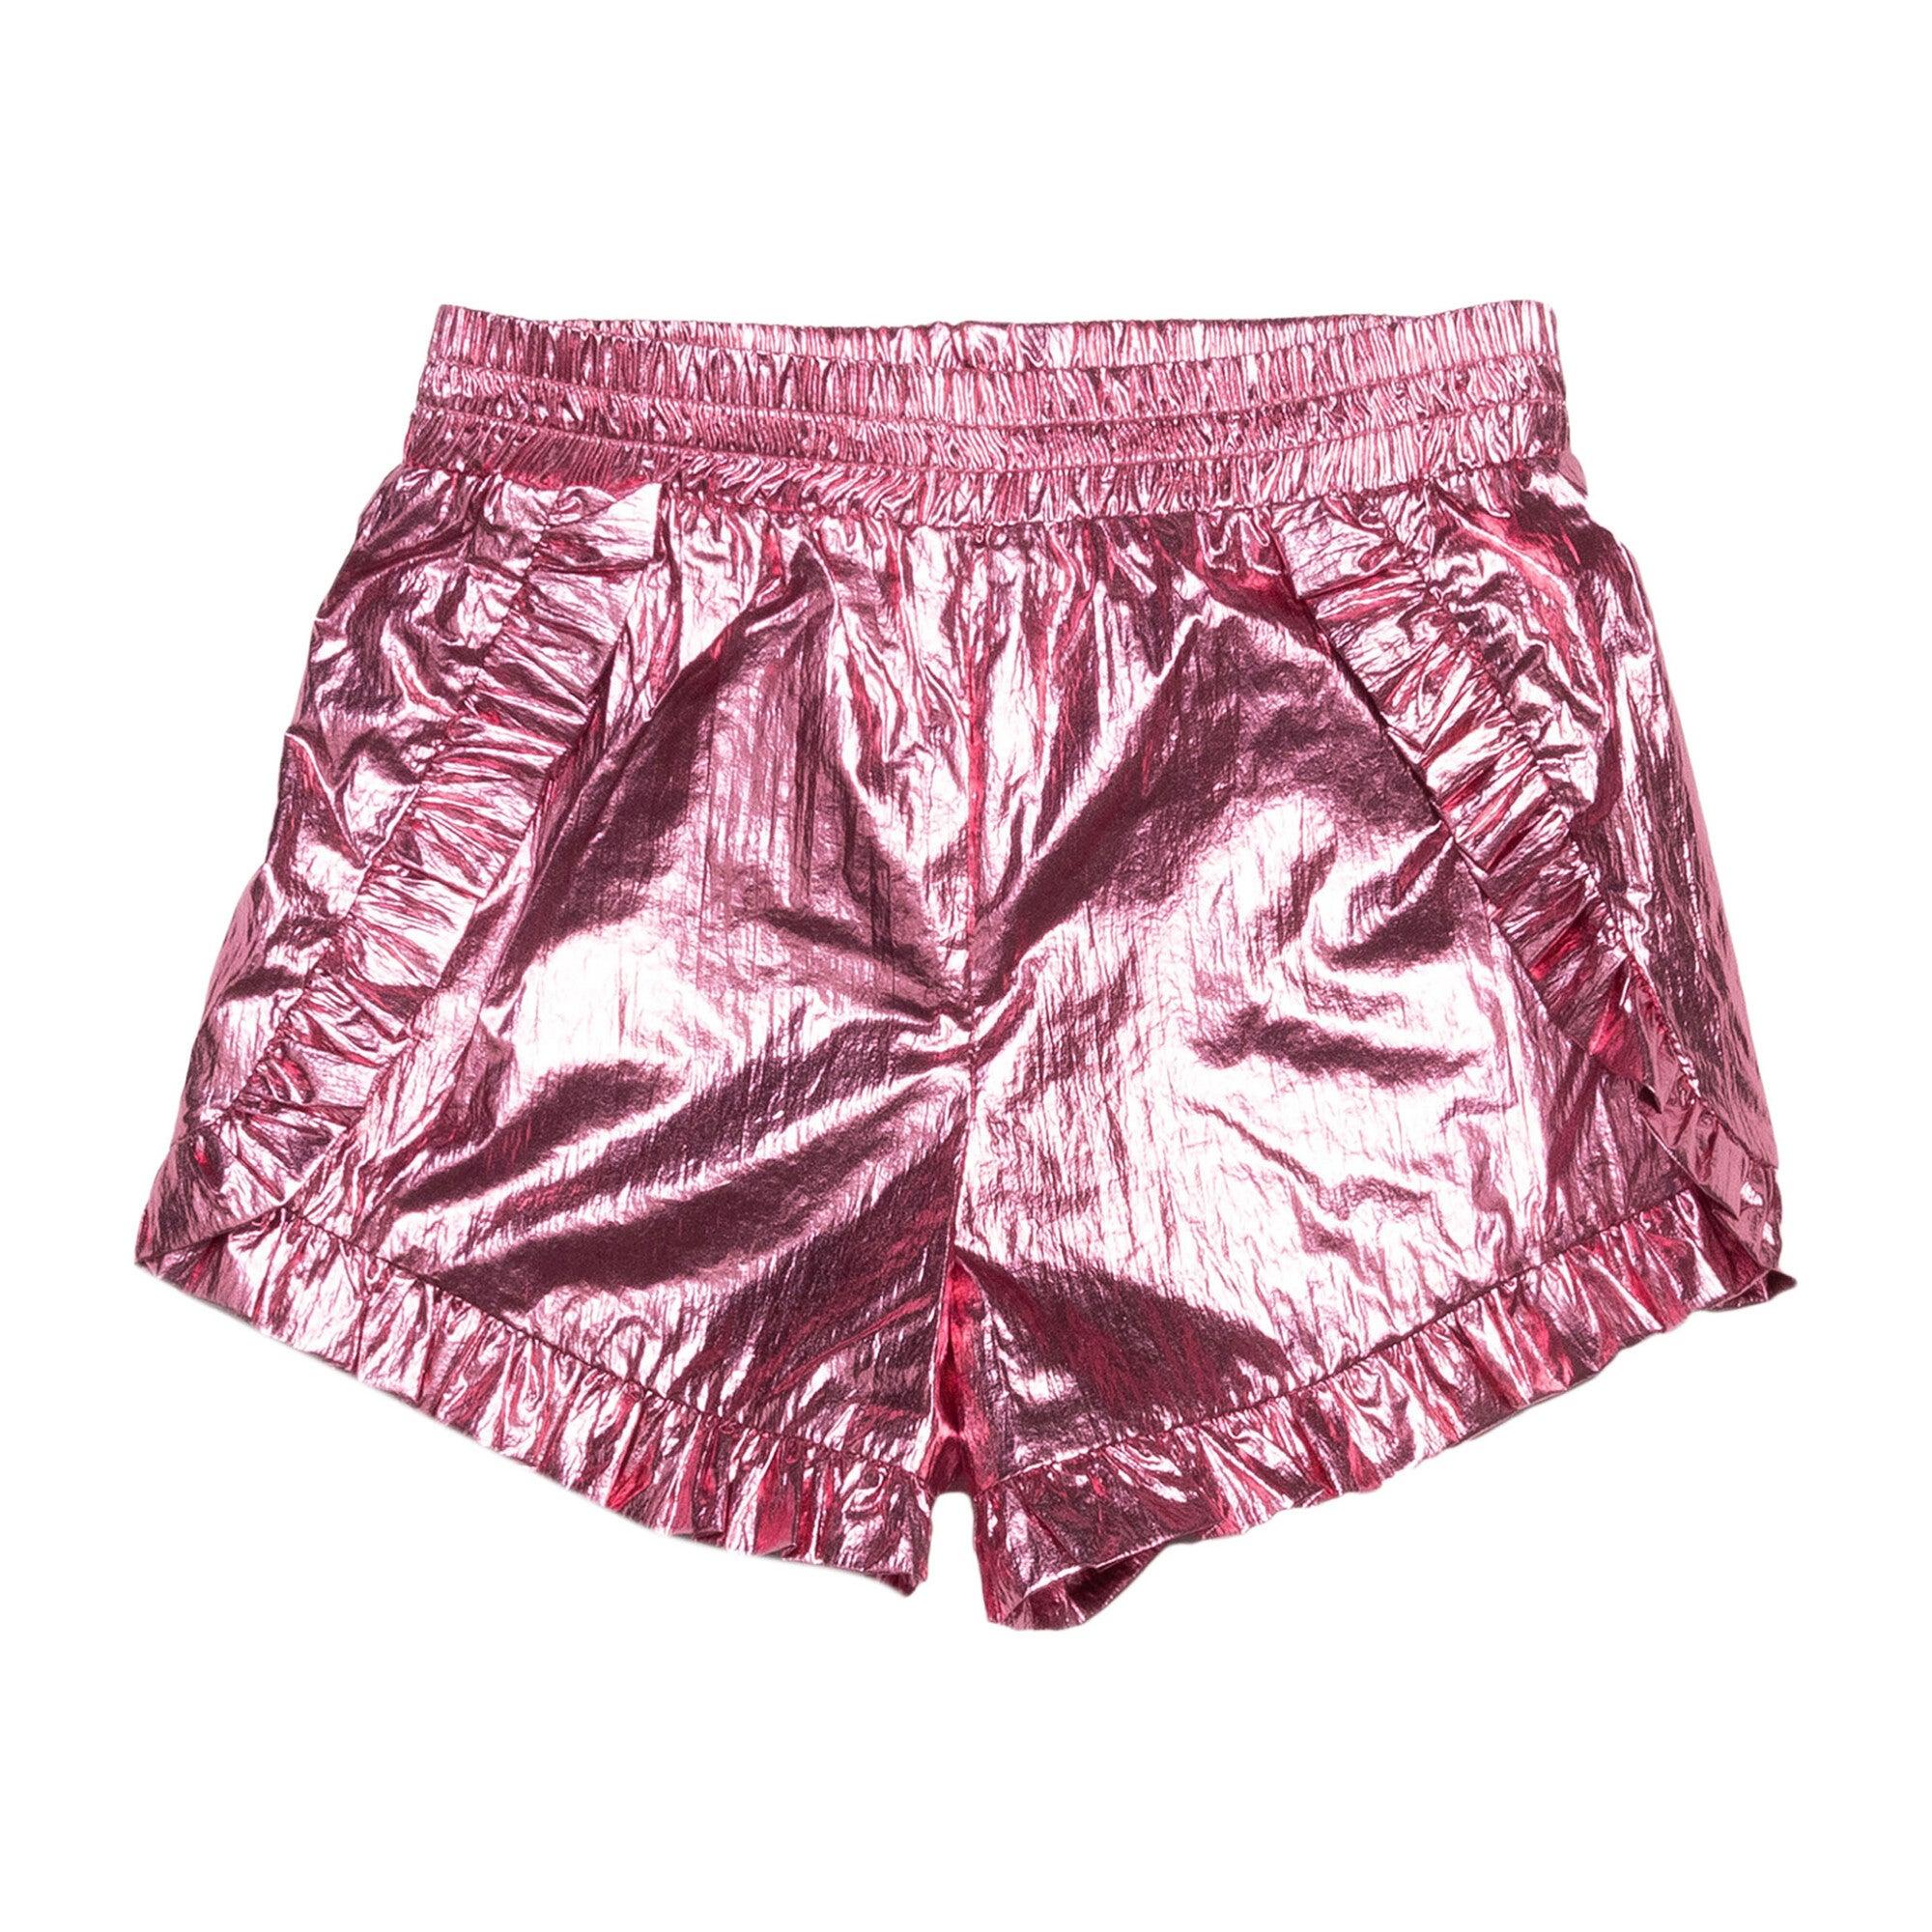 Raelyn Short, Metallic Pink